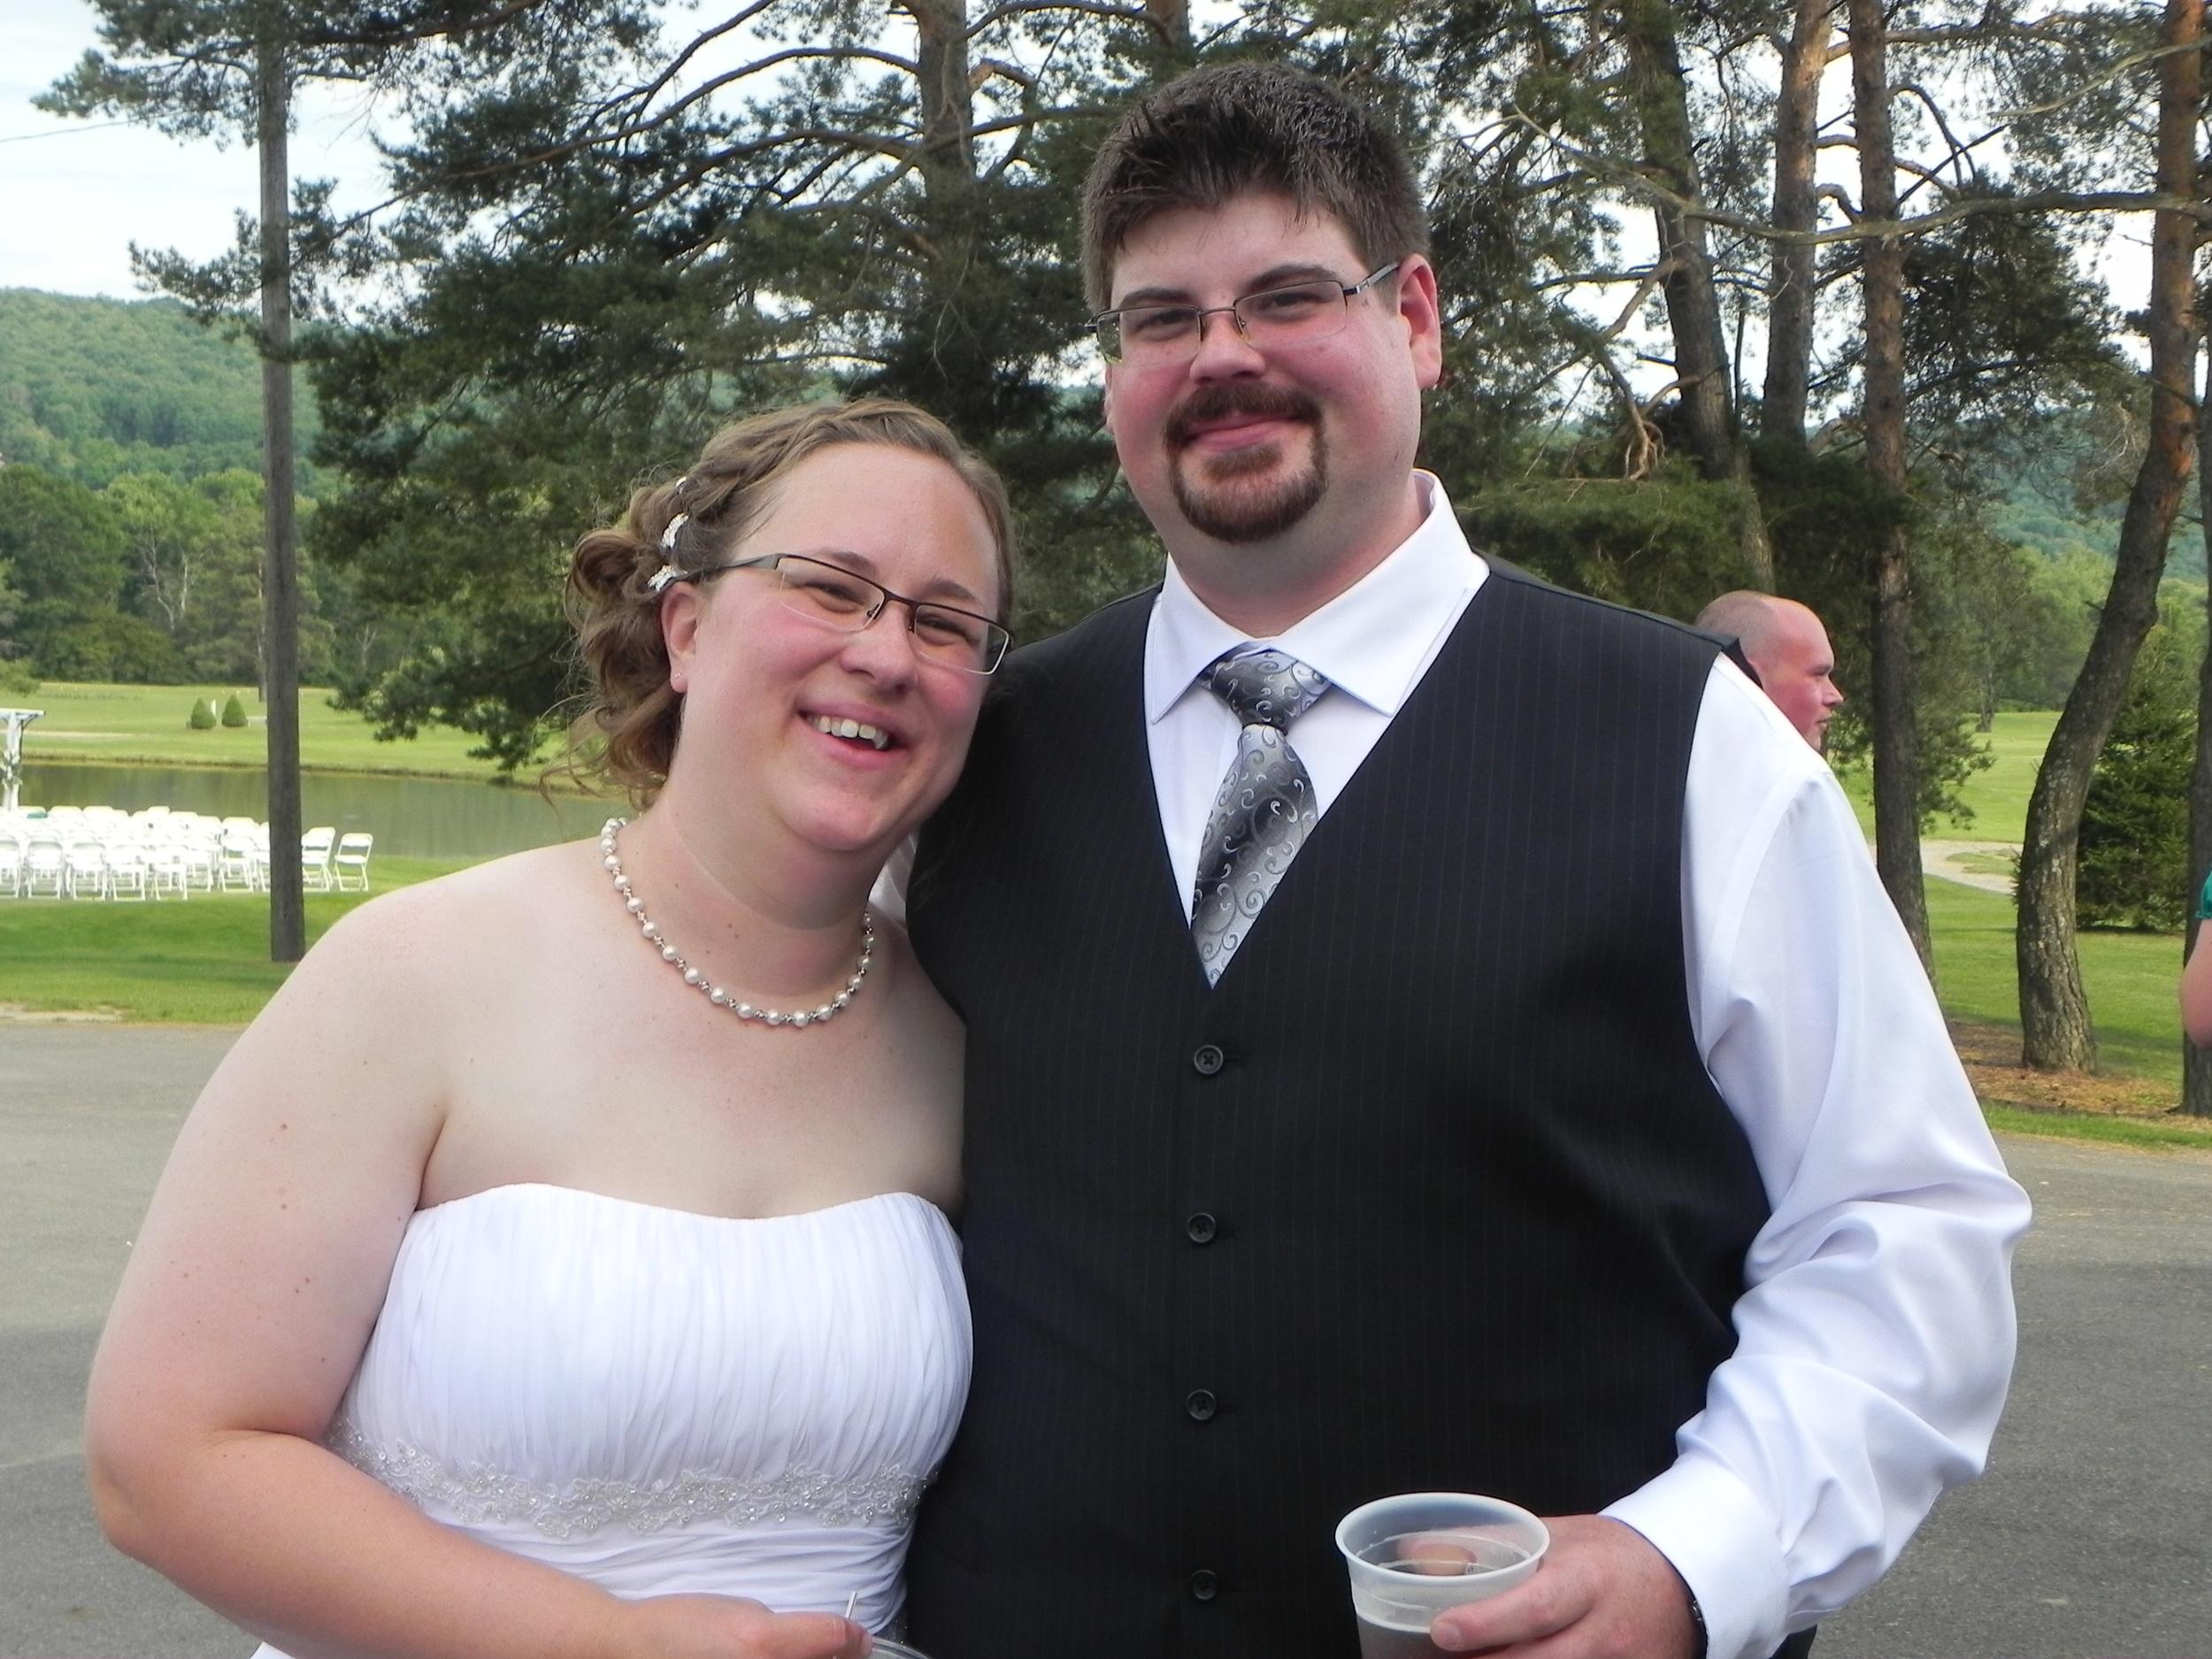 katlyn wedding 052.JPG